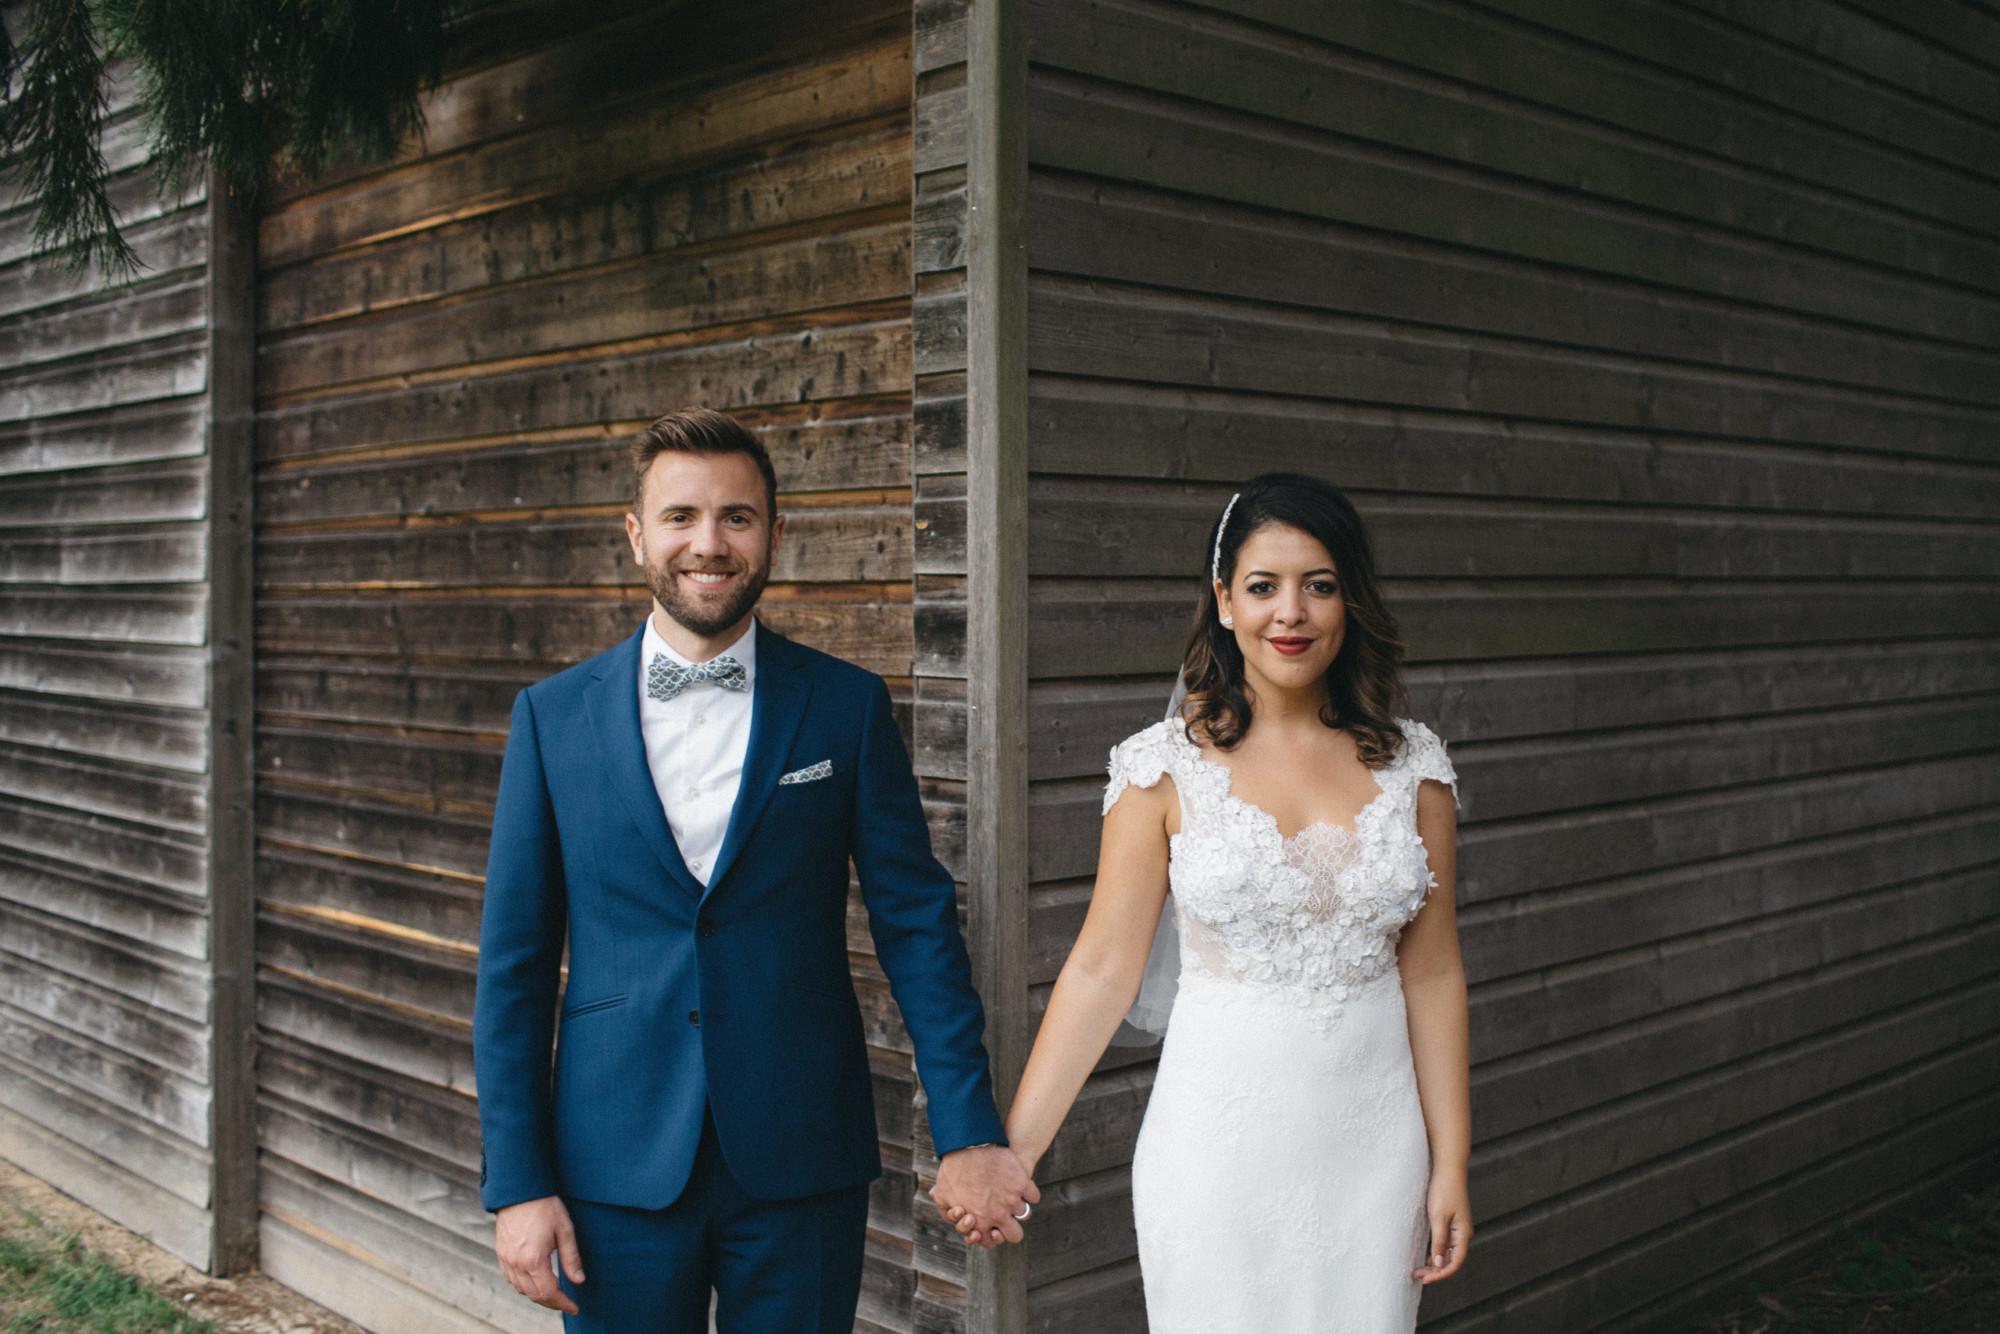 Mariage mixte, décoratrice, Paris, fleuriste, wedding designer floral designer, mariage château mariage élégant, décoration